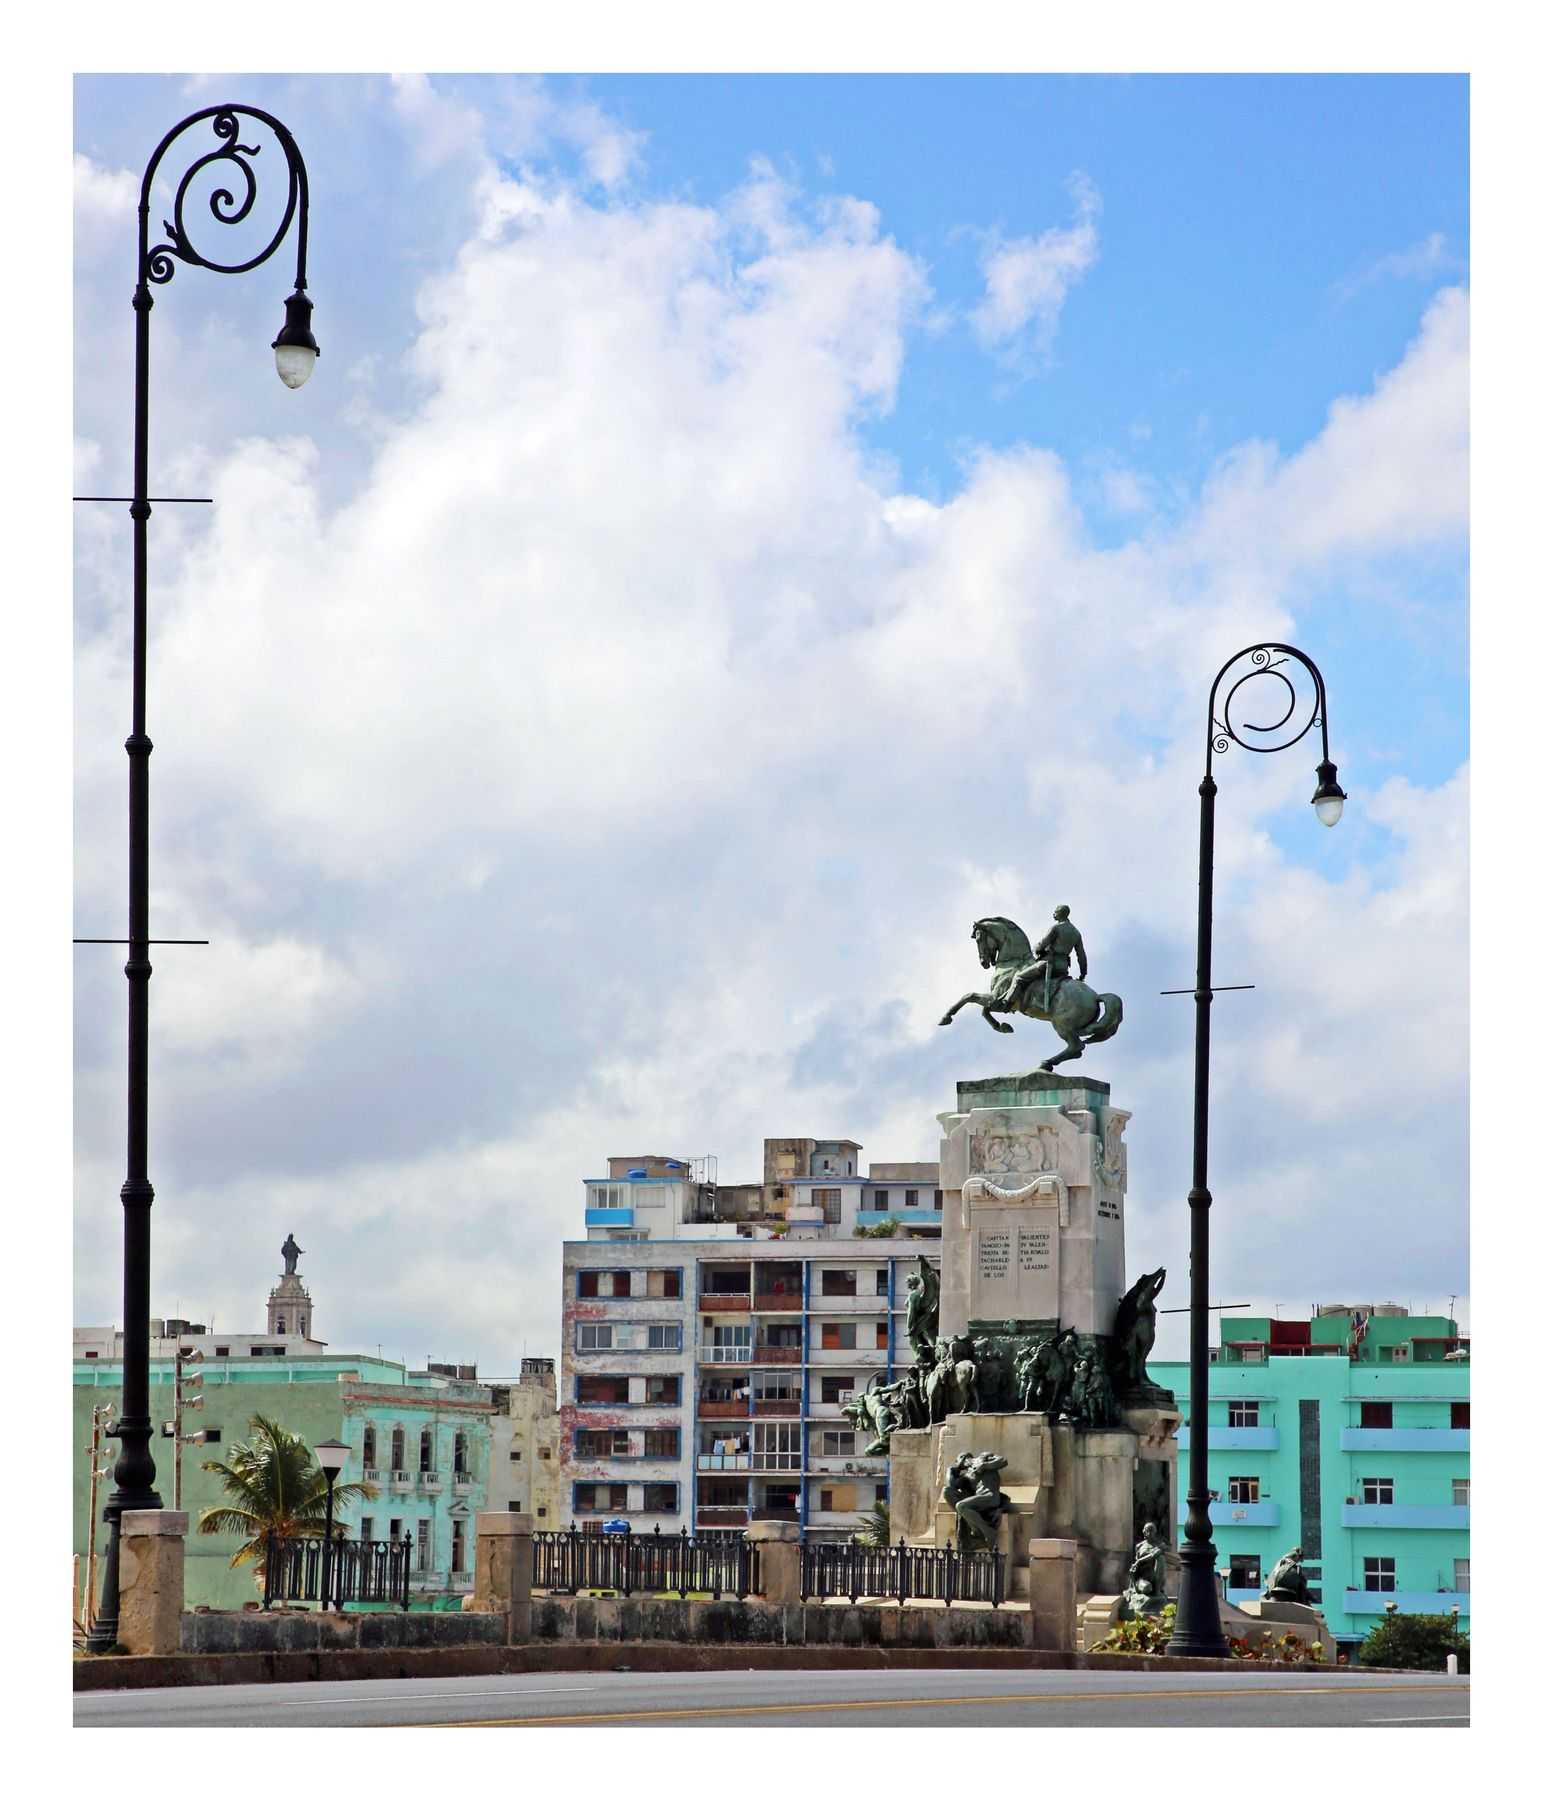 Parque Antonio Maceo cuba la habana vieja libre isla bonita cubanos parque antonio maceo